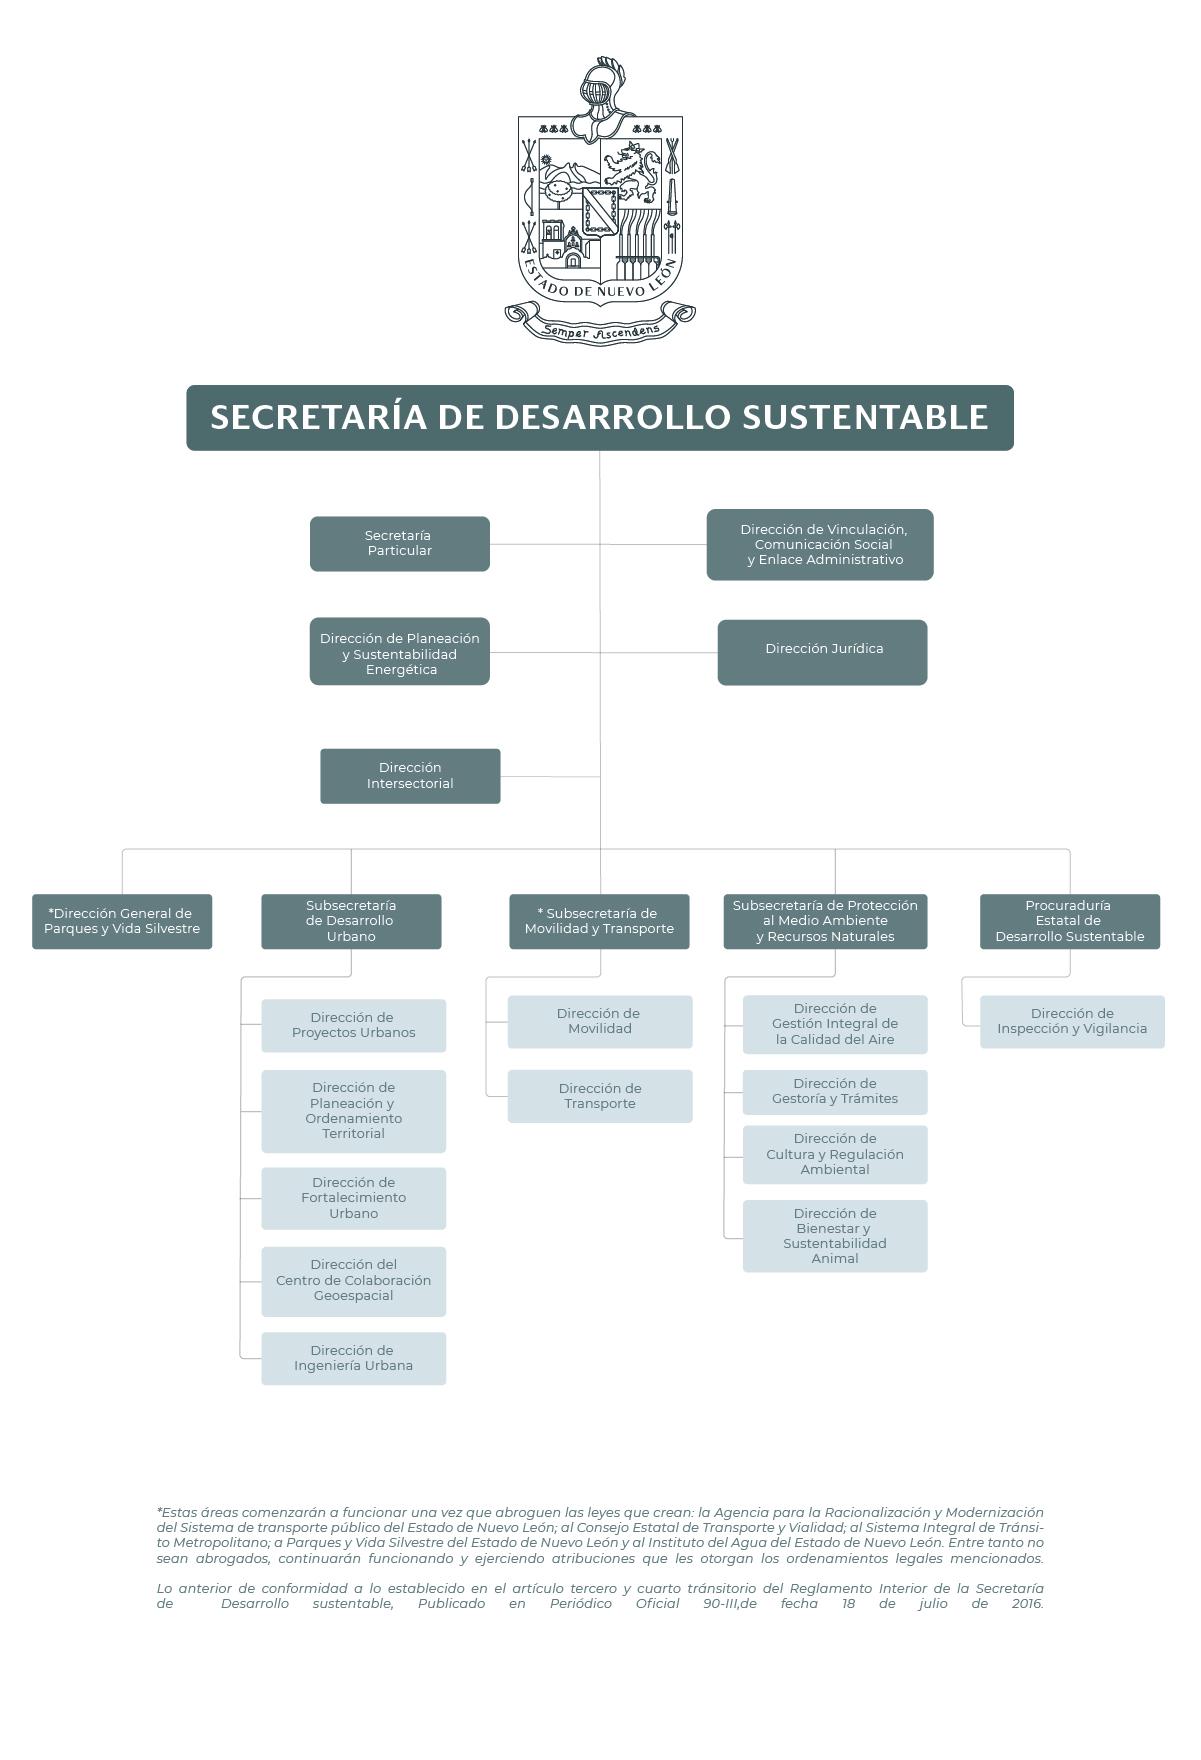 Organigrama de la Secretaría de Desarrollo Sustentable